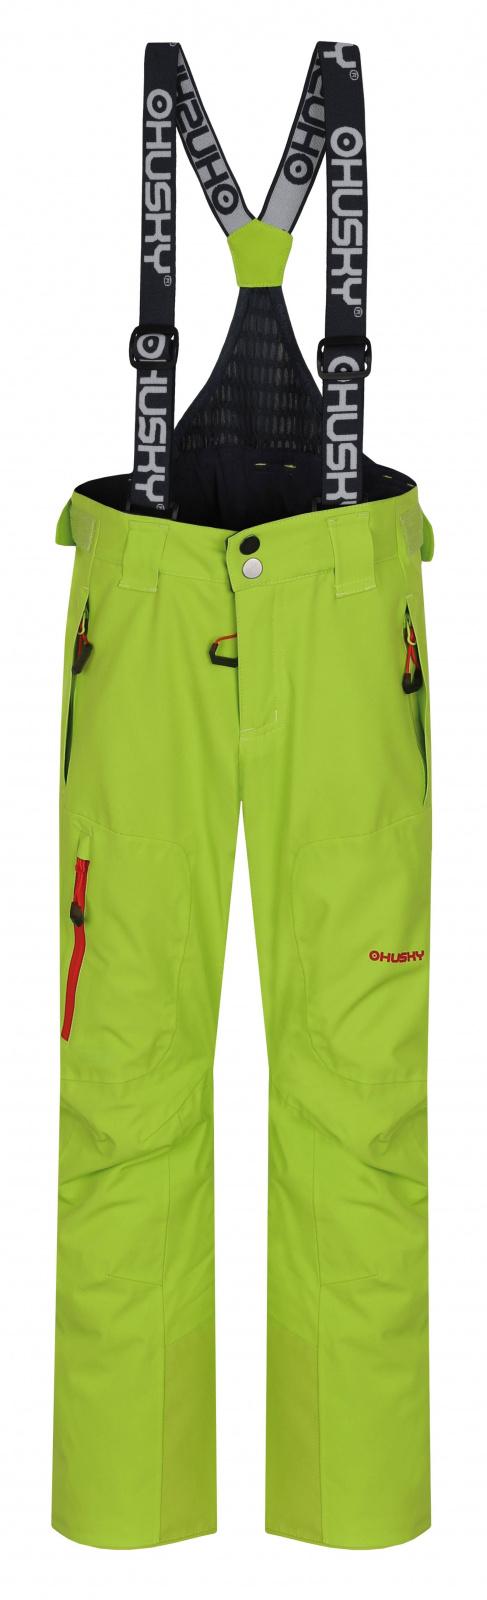 Husky Dětské lyžařské kalhoty Zeus Kids výrazně zelená Velikost: 164-170